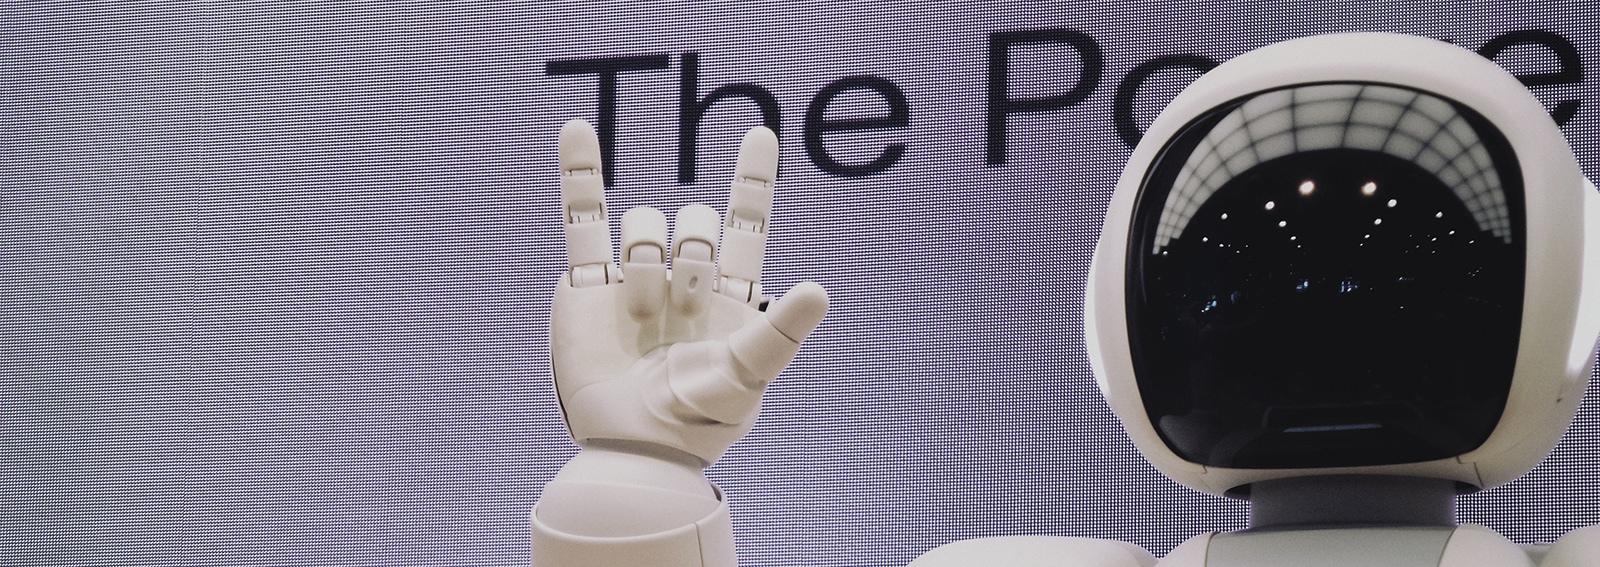 robot tech 2019